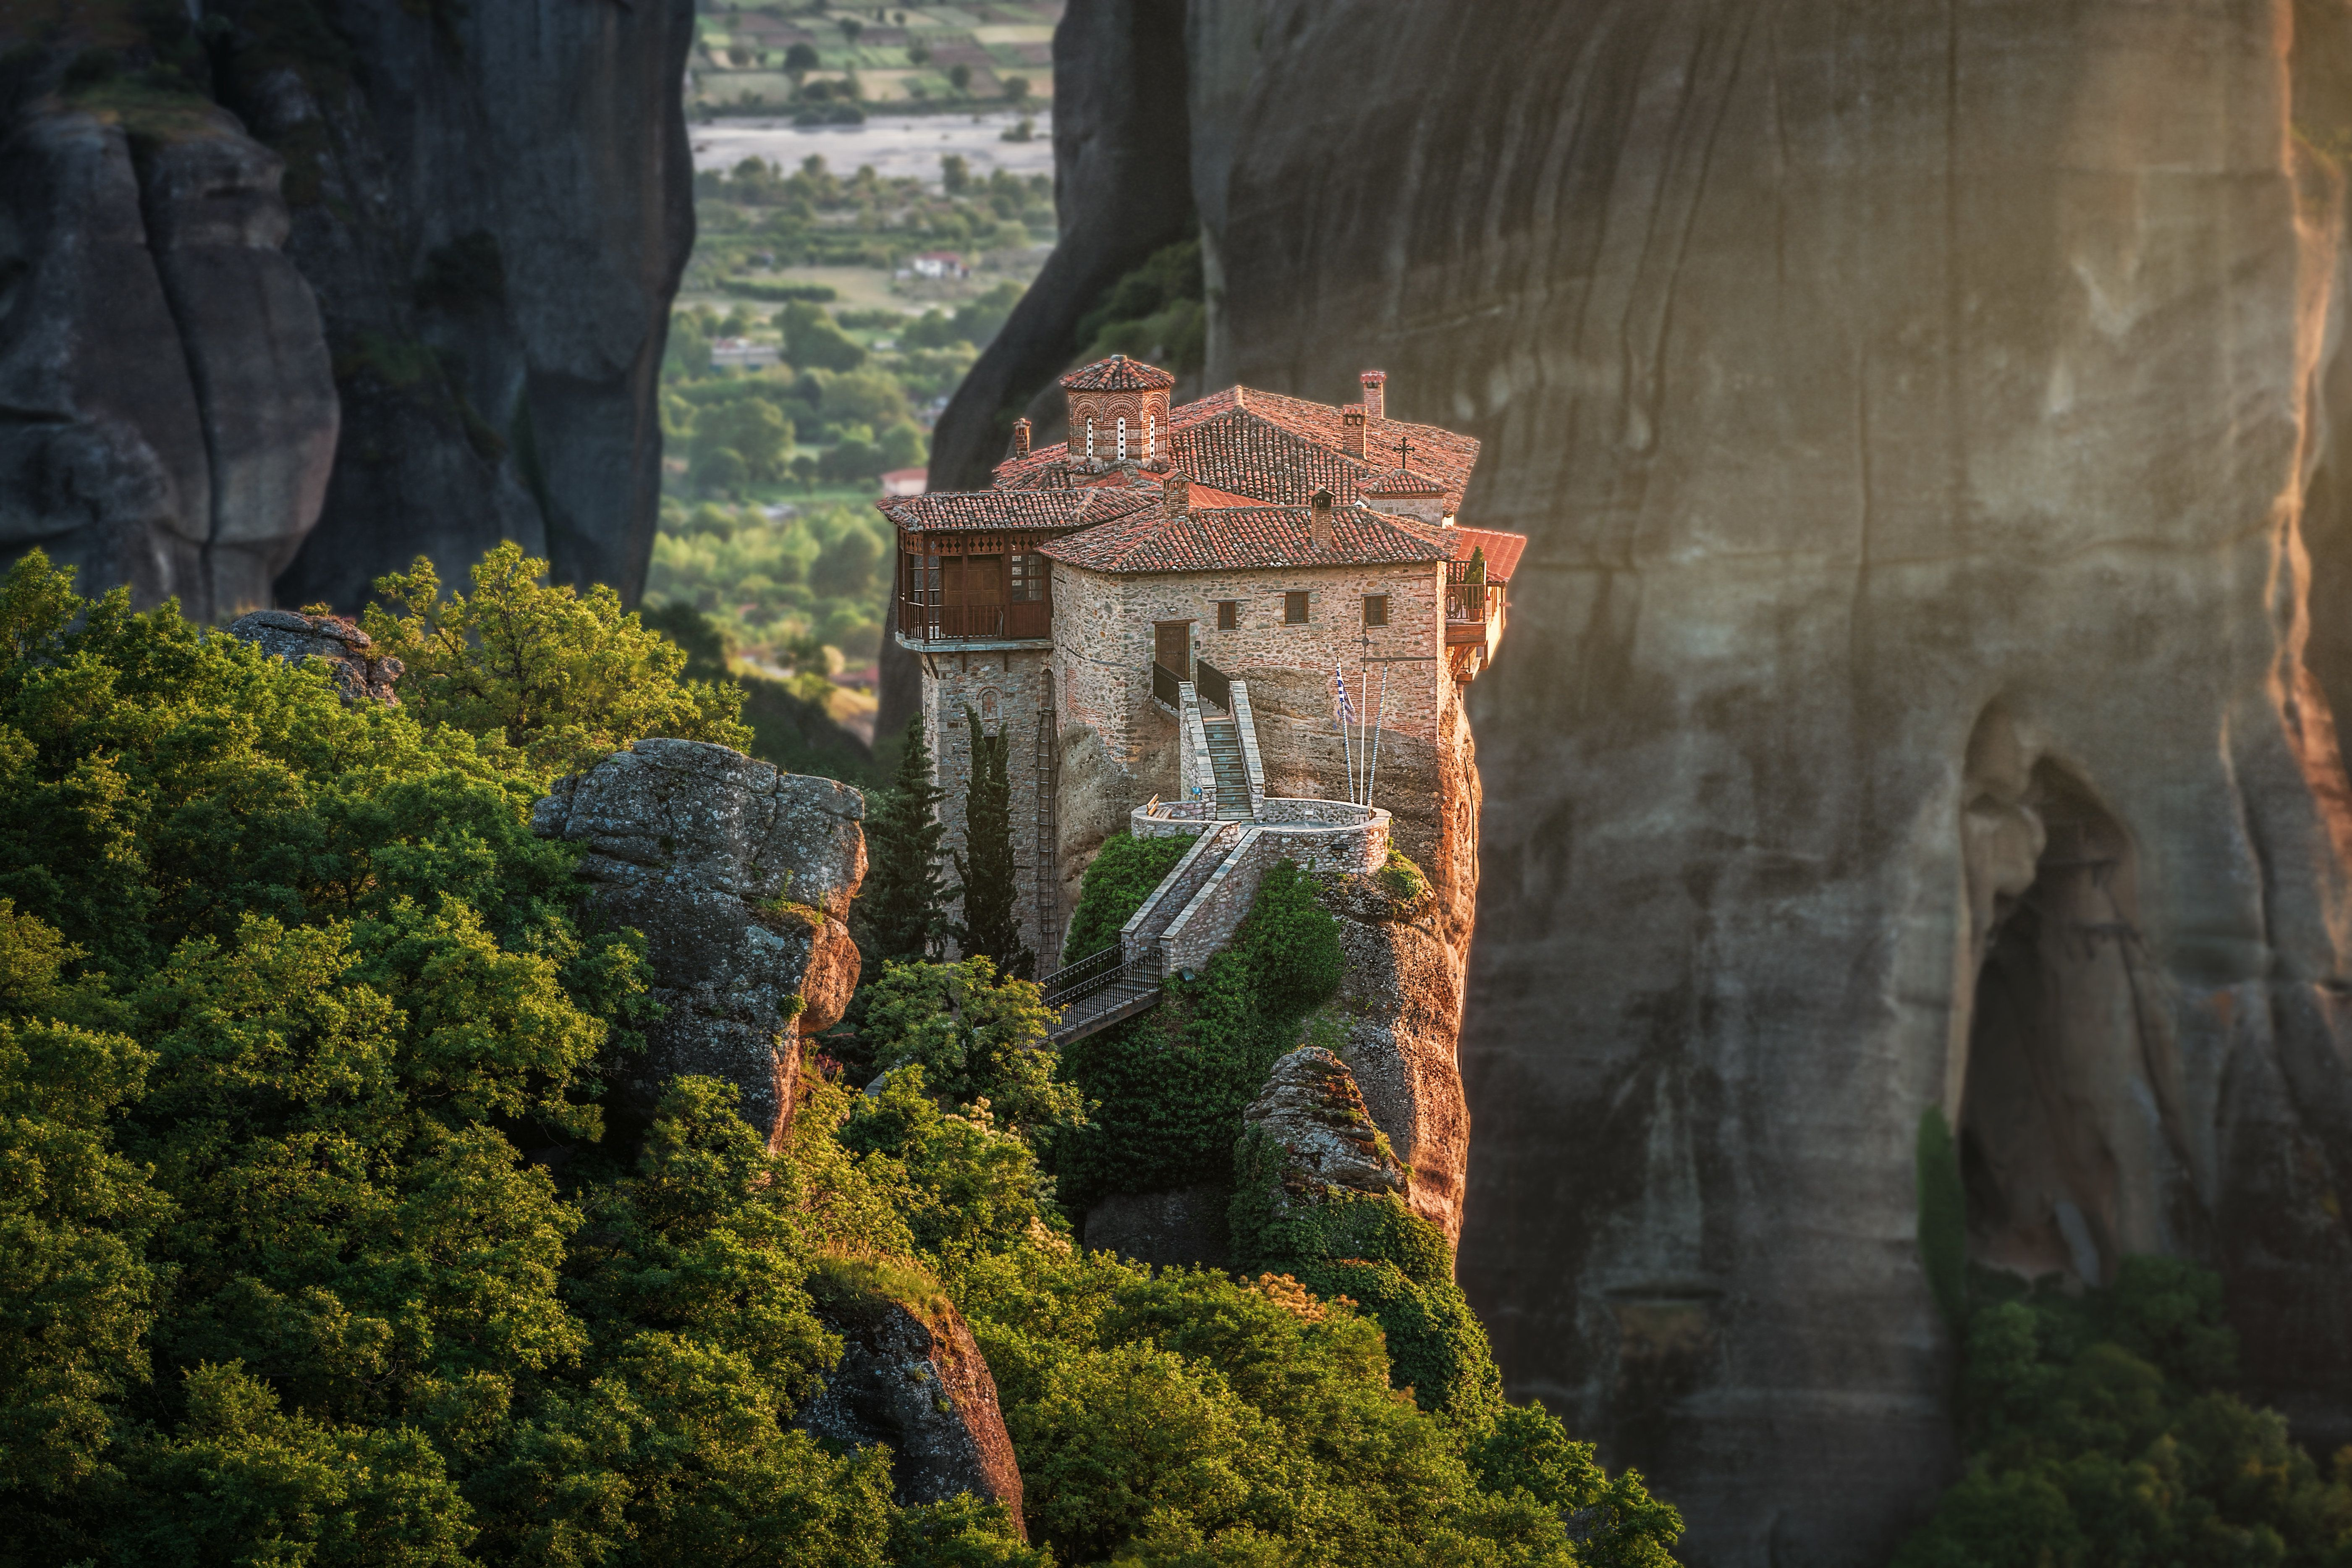 Πώς η Google βοηθά την Θεσσαλία να αναπτύξει τον τουρισμό της - Τι προβλέπει η νέα